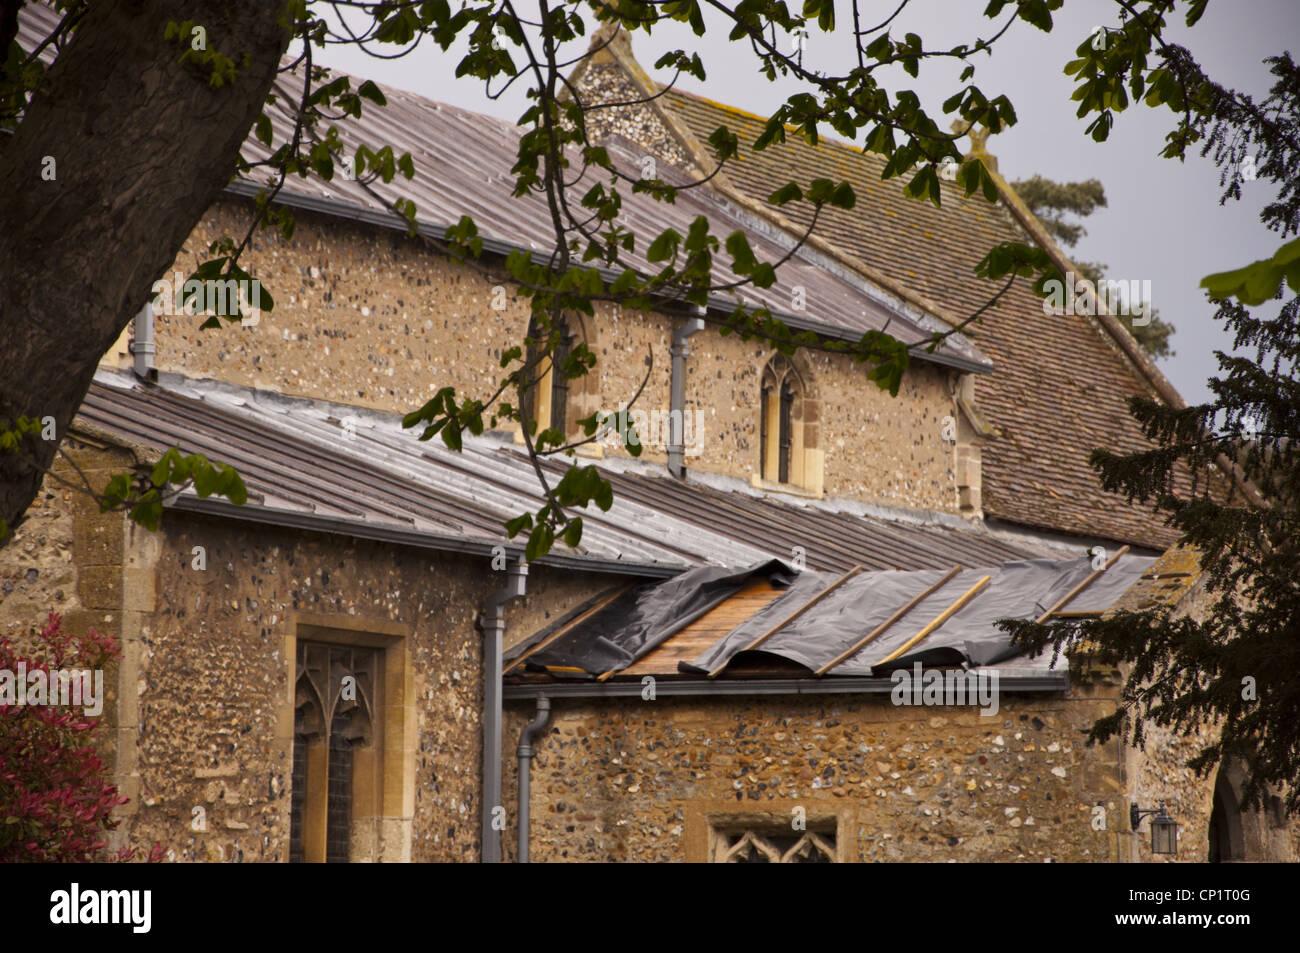 Lámina de plástico que cubre el techo de la iglesia después de que unos ladrones robaron plomo Foto de stock